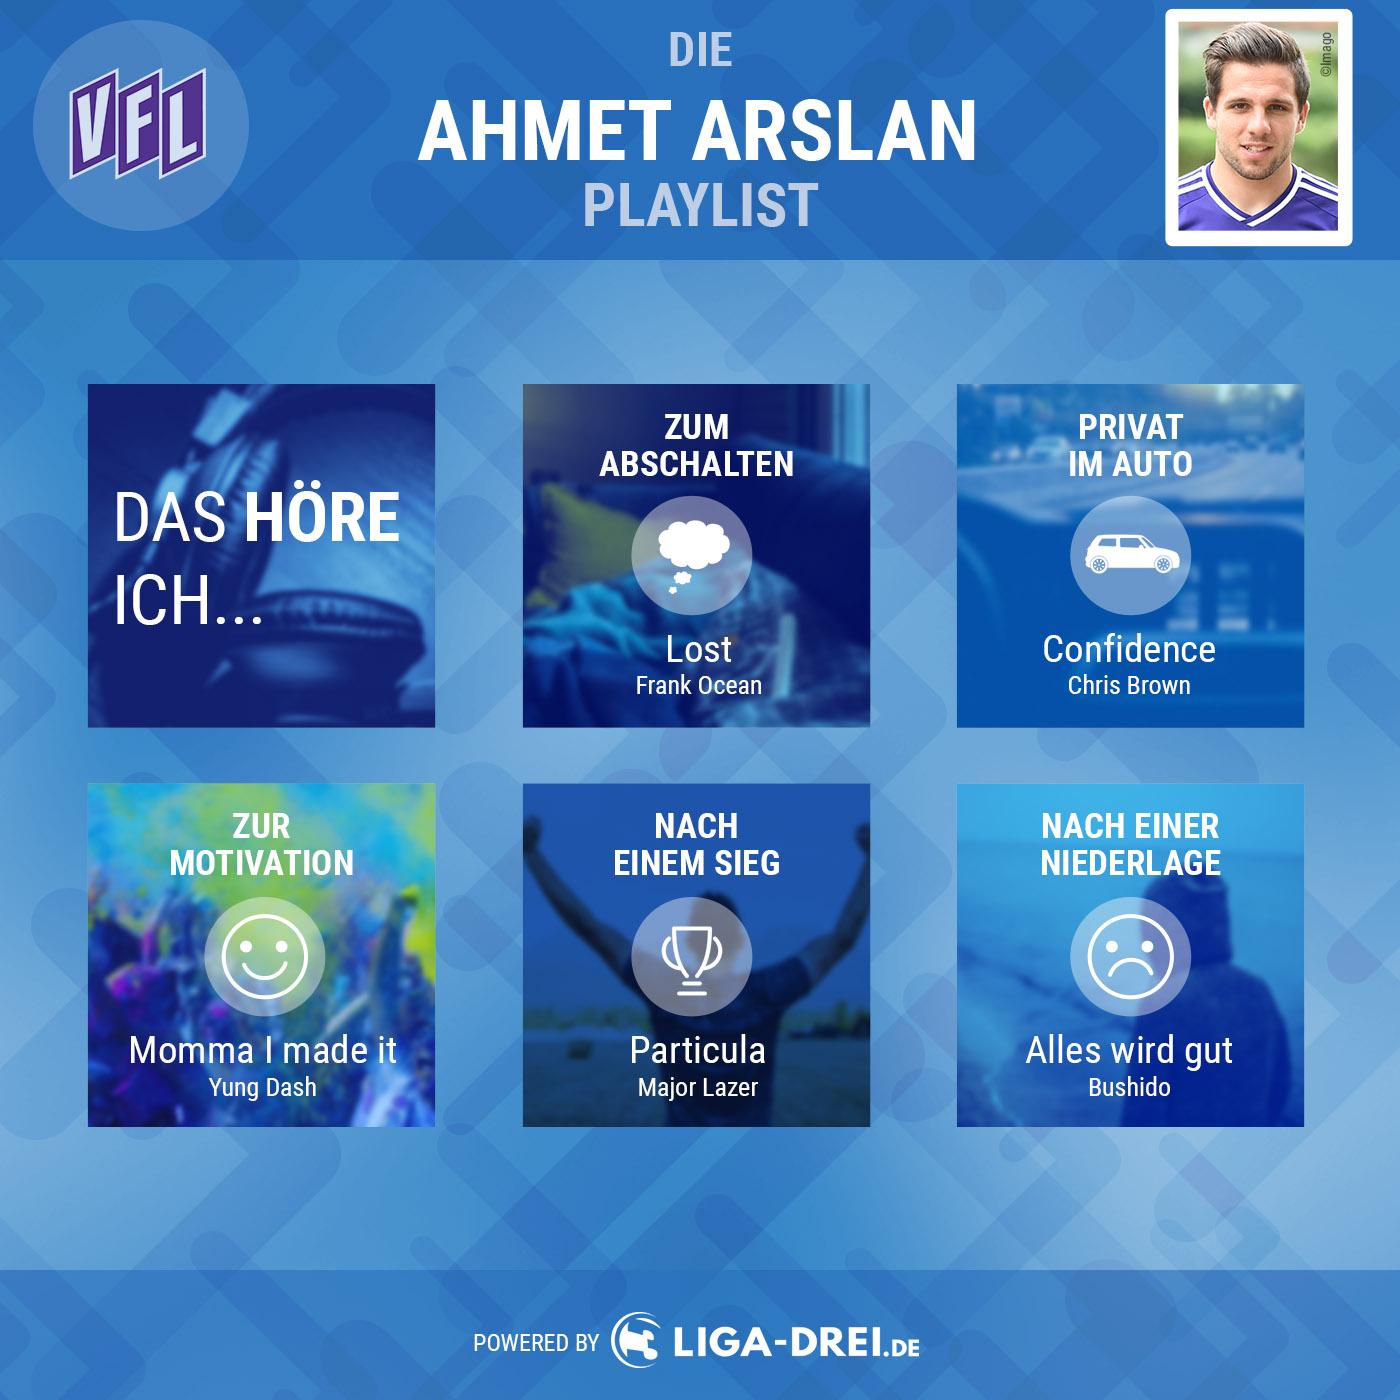 Playlist von Ahmet Arslan